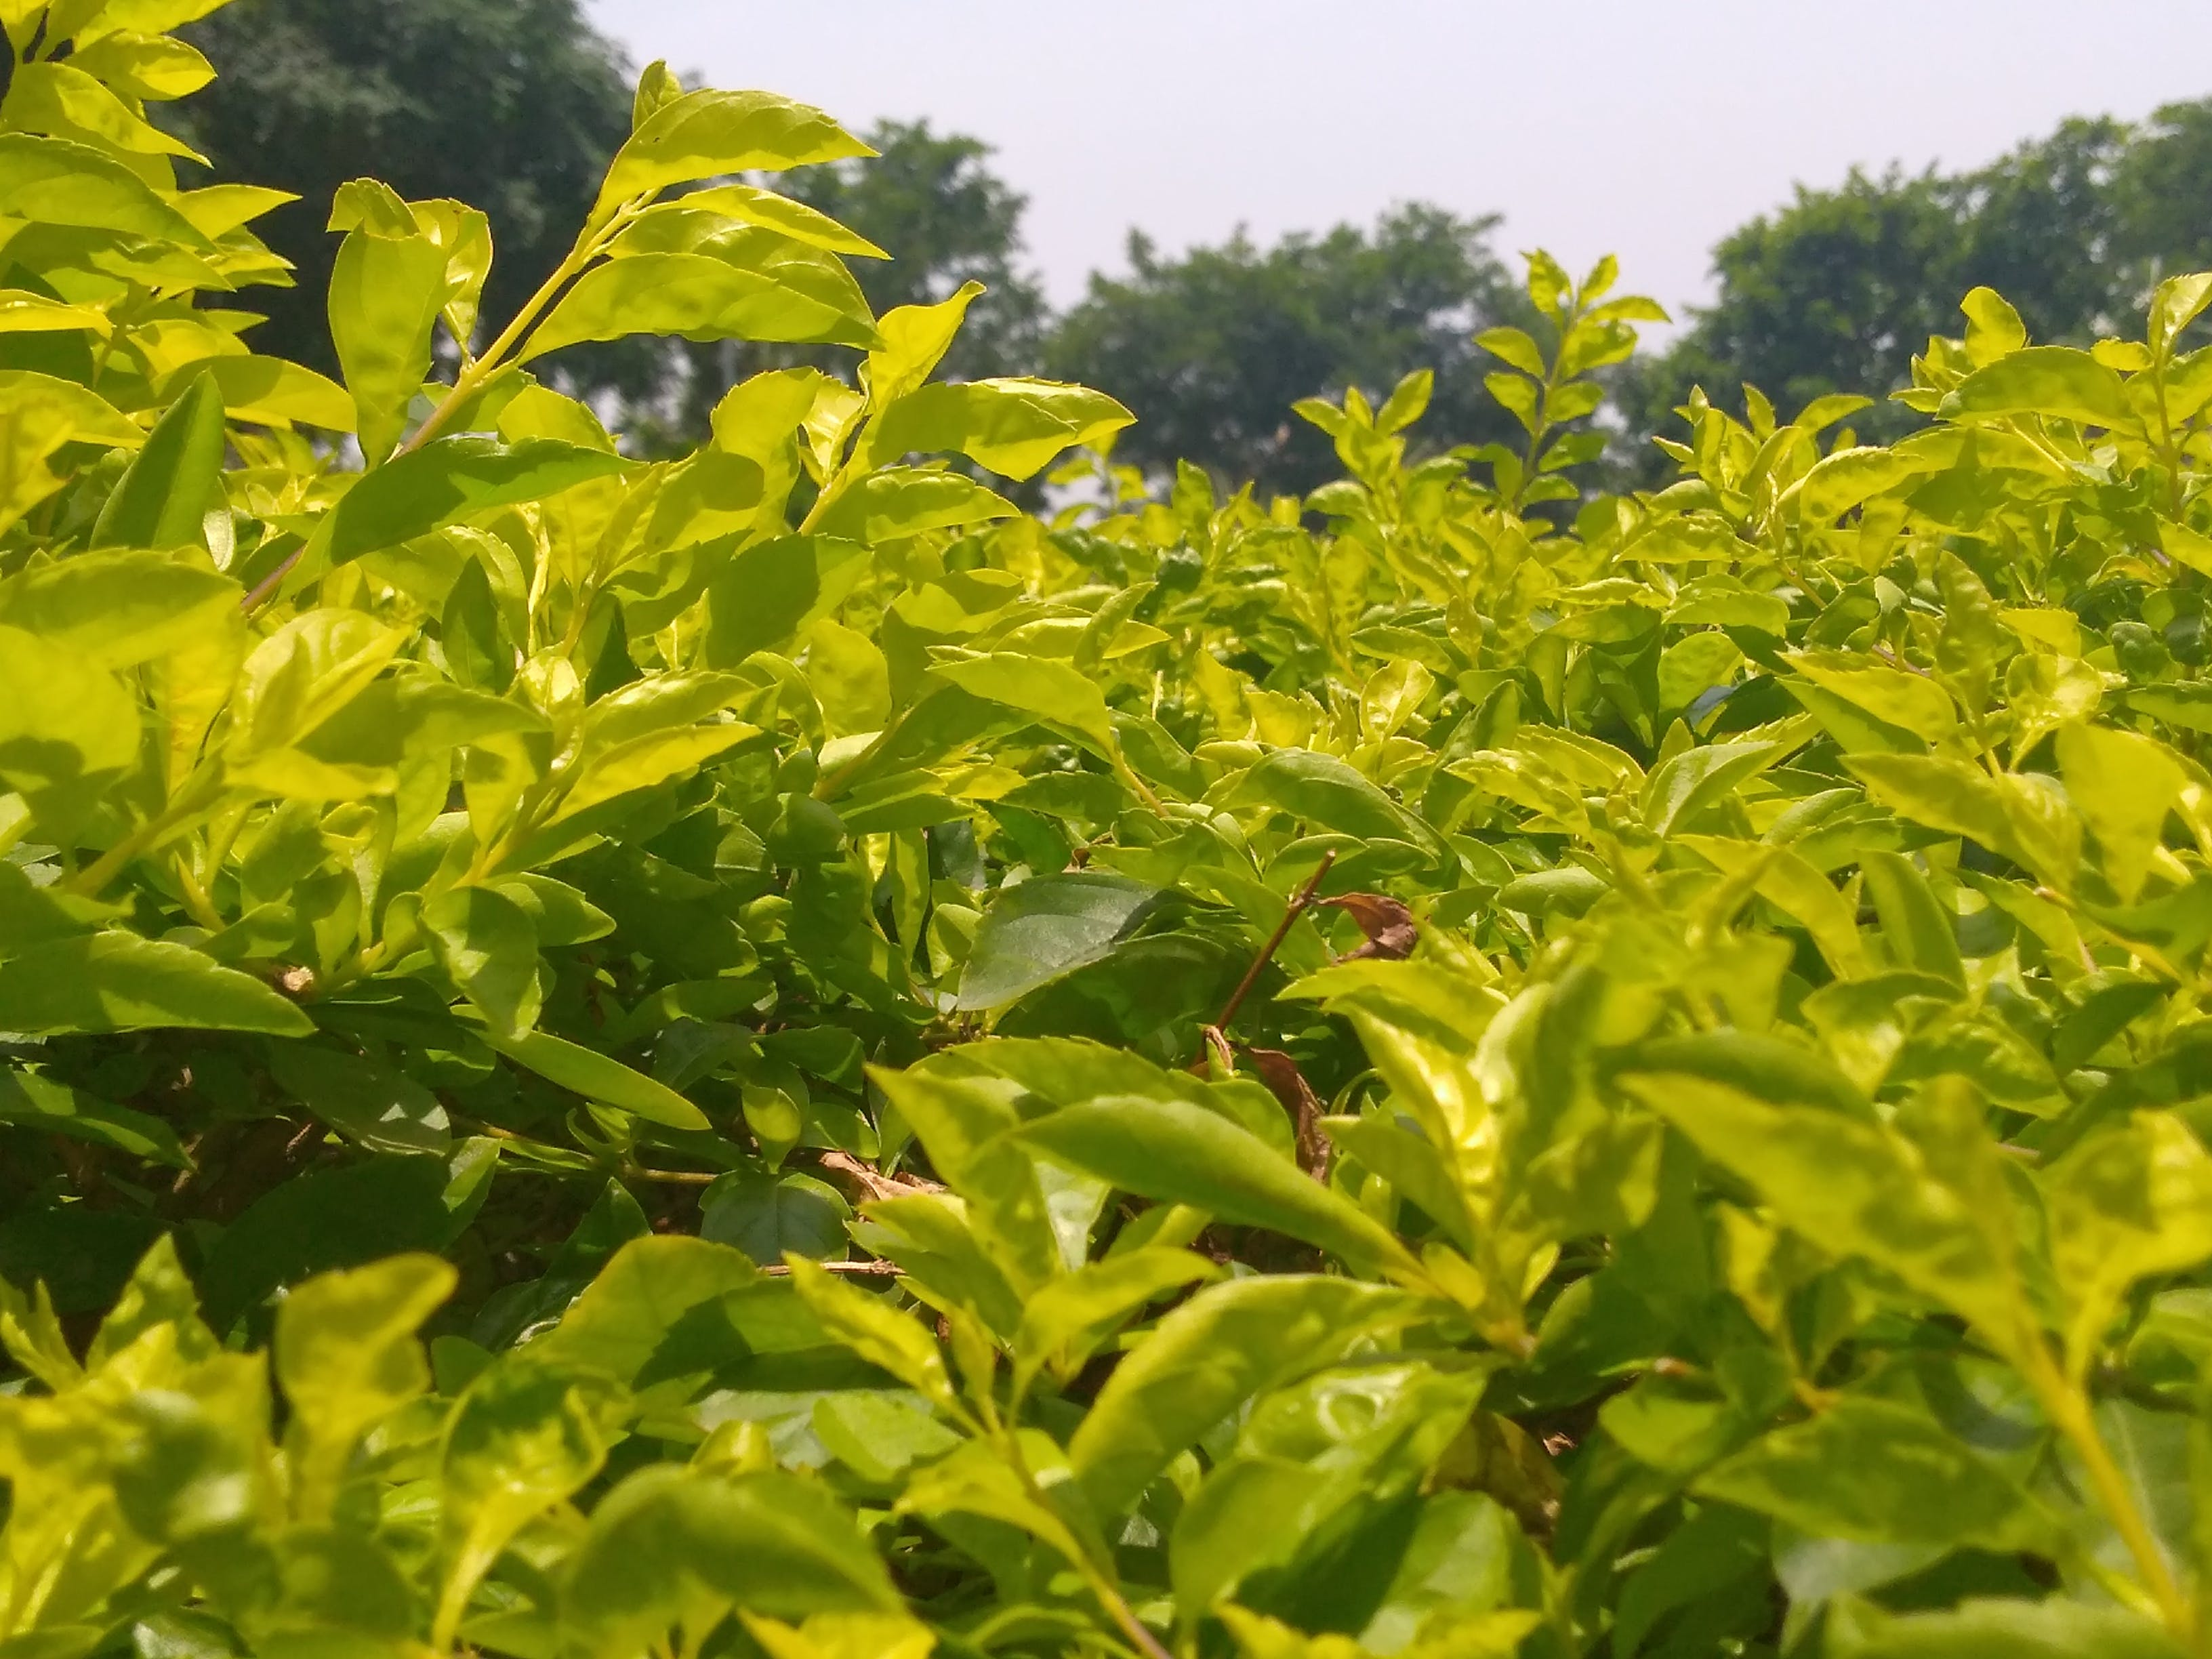 Δωρεάν στοκ φωτογραφιών με φύλλα